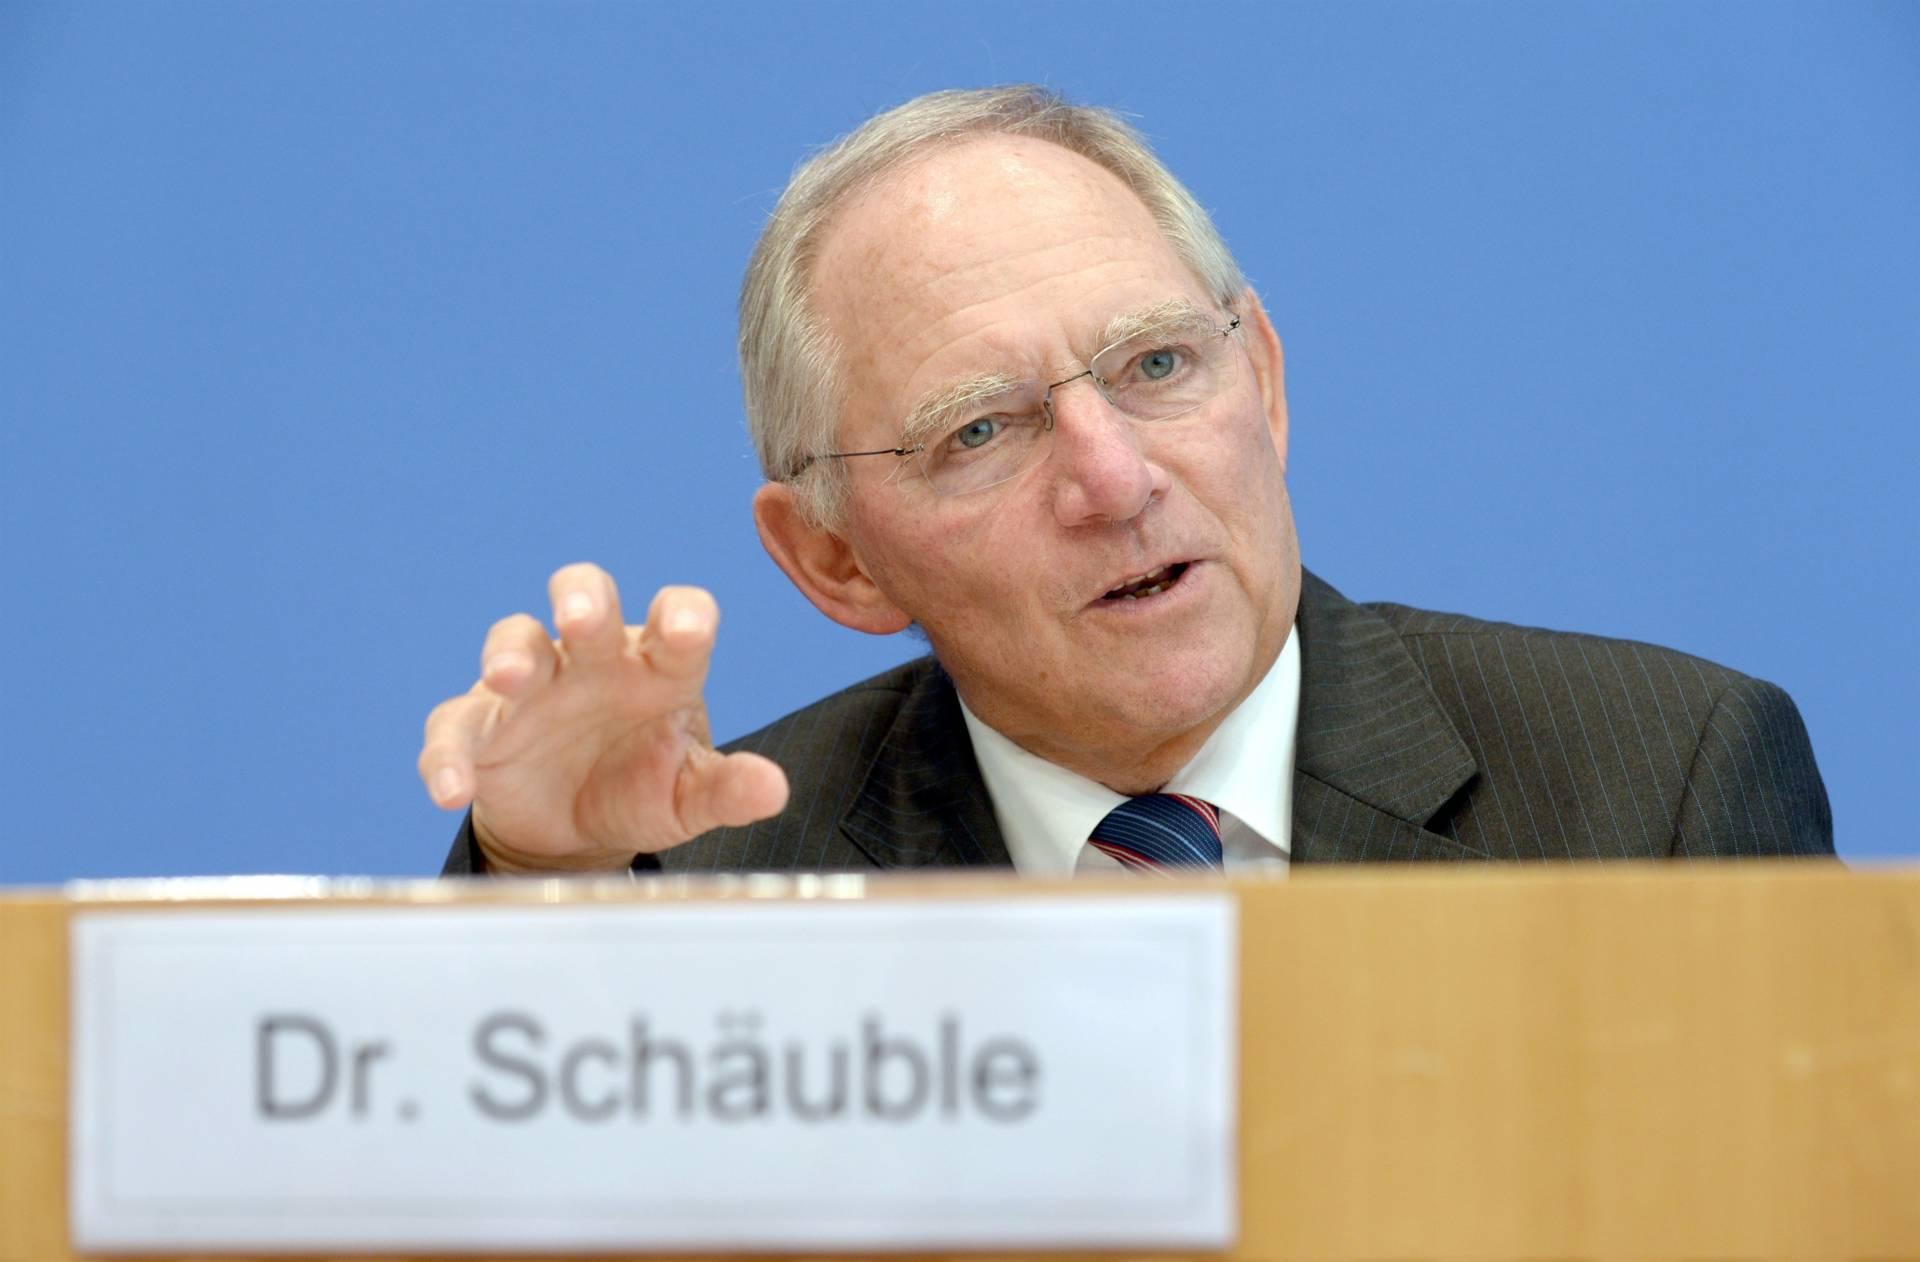 Wolfgang Schauble, ministro de Finanzas de Alemania.